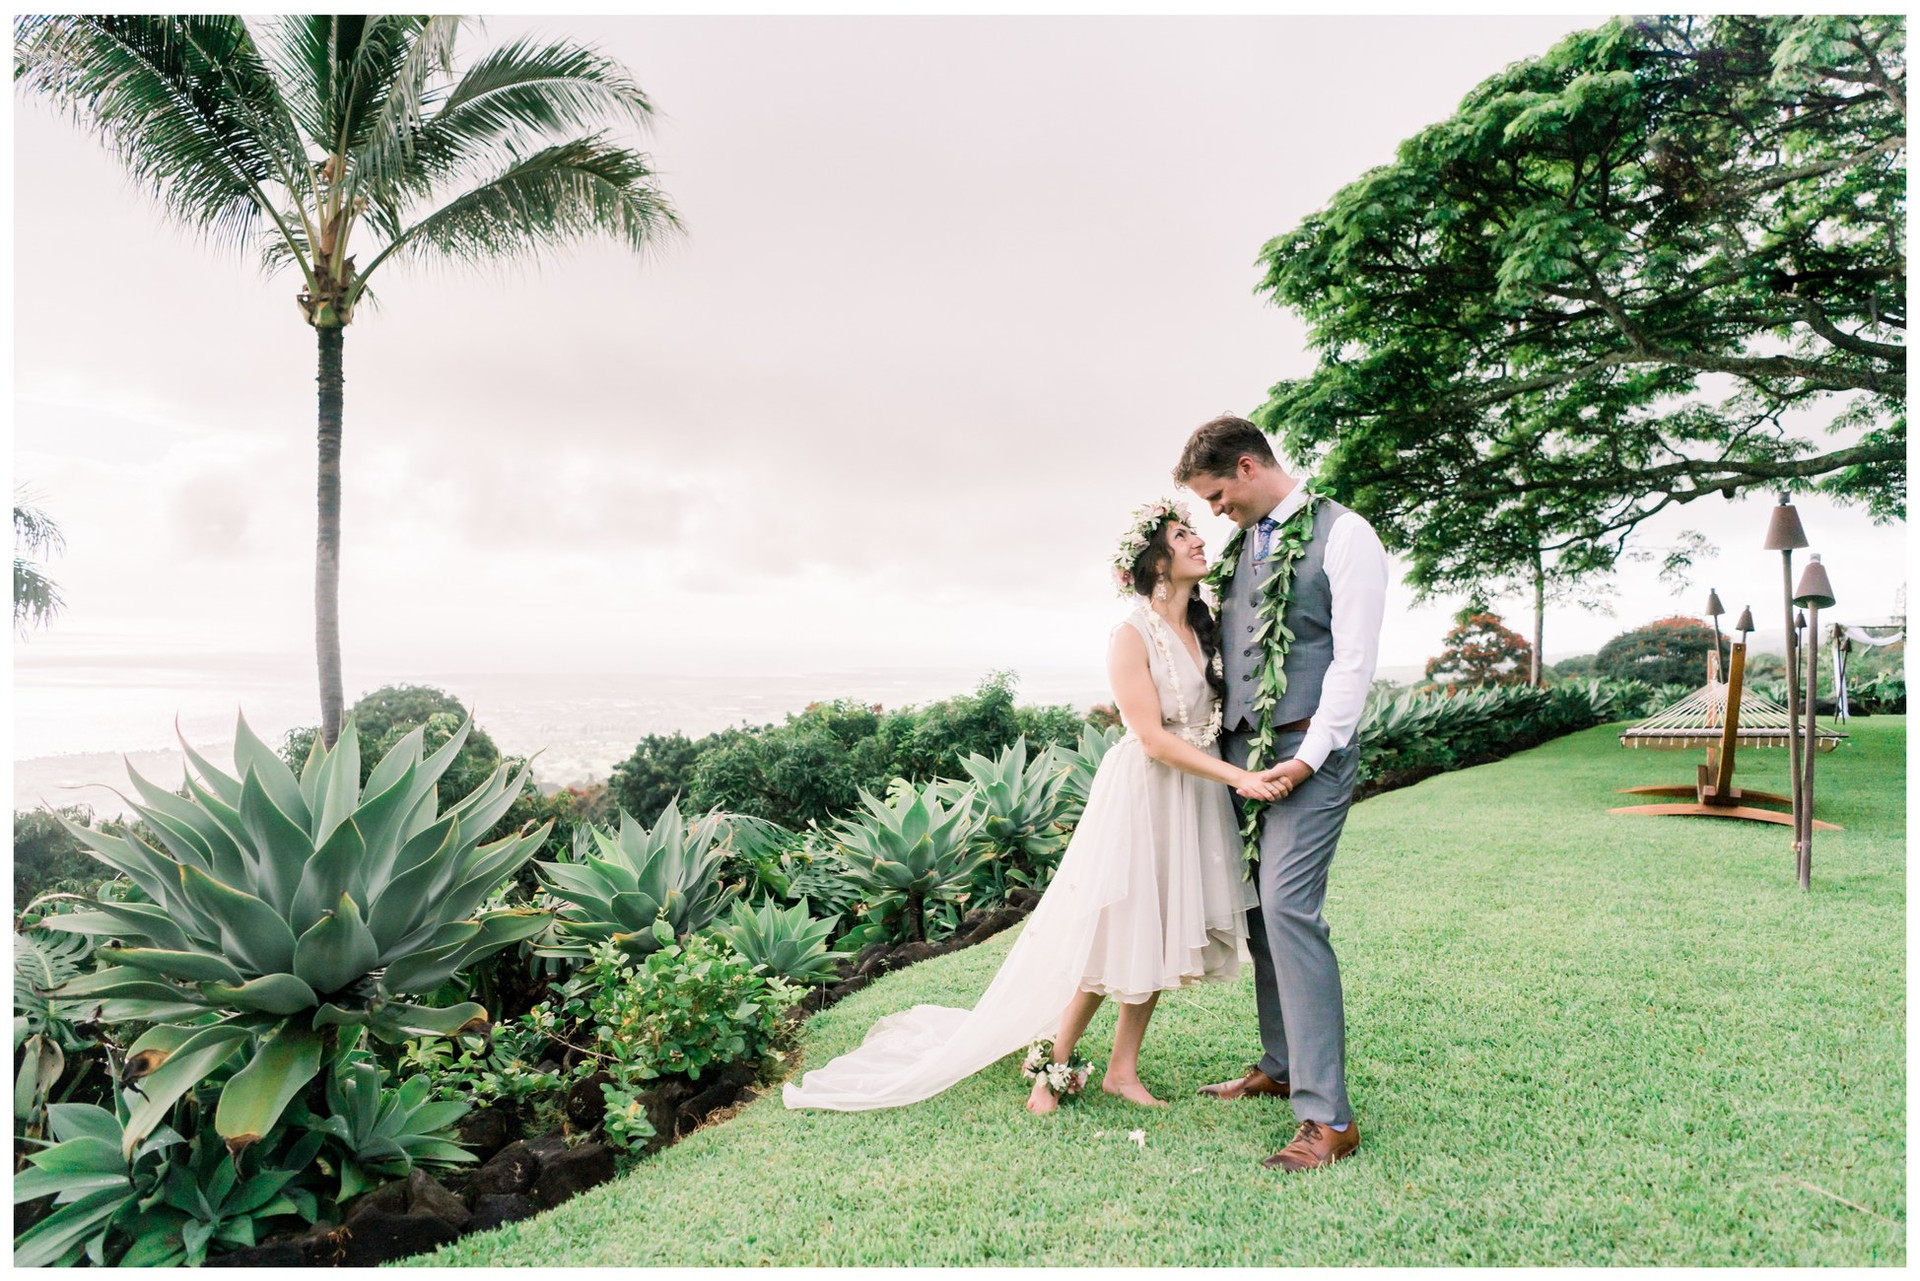 Holualoa Wedding Photographer 6a.jpg